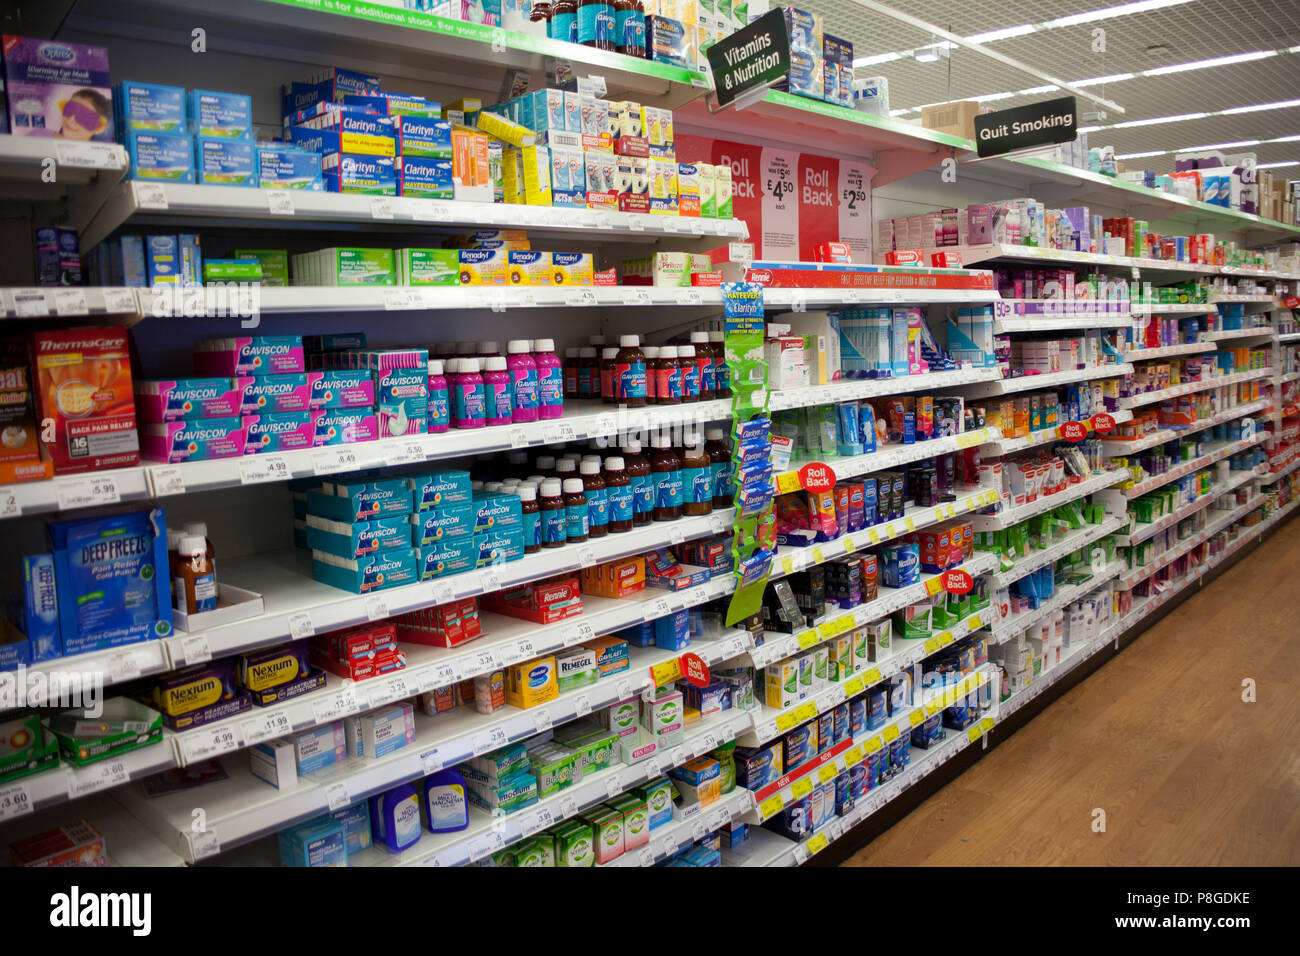 Wolverhampton Regno Unied Giu 16 2018 Smettere Di Fumare Prodotti In Un Supermercato Prodotti Per La Nutrizione In Un Negozio Dipartimentale Salute E Benessere Auto Foto Stock Alamy